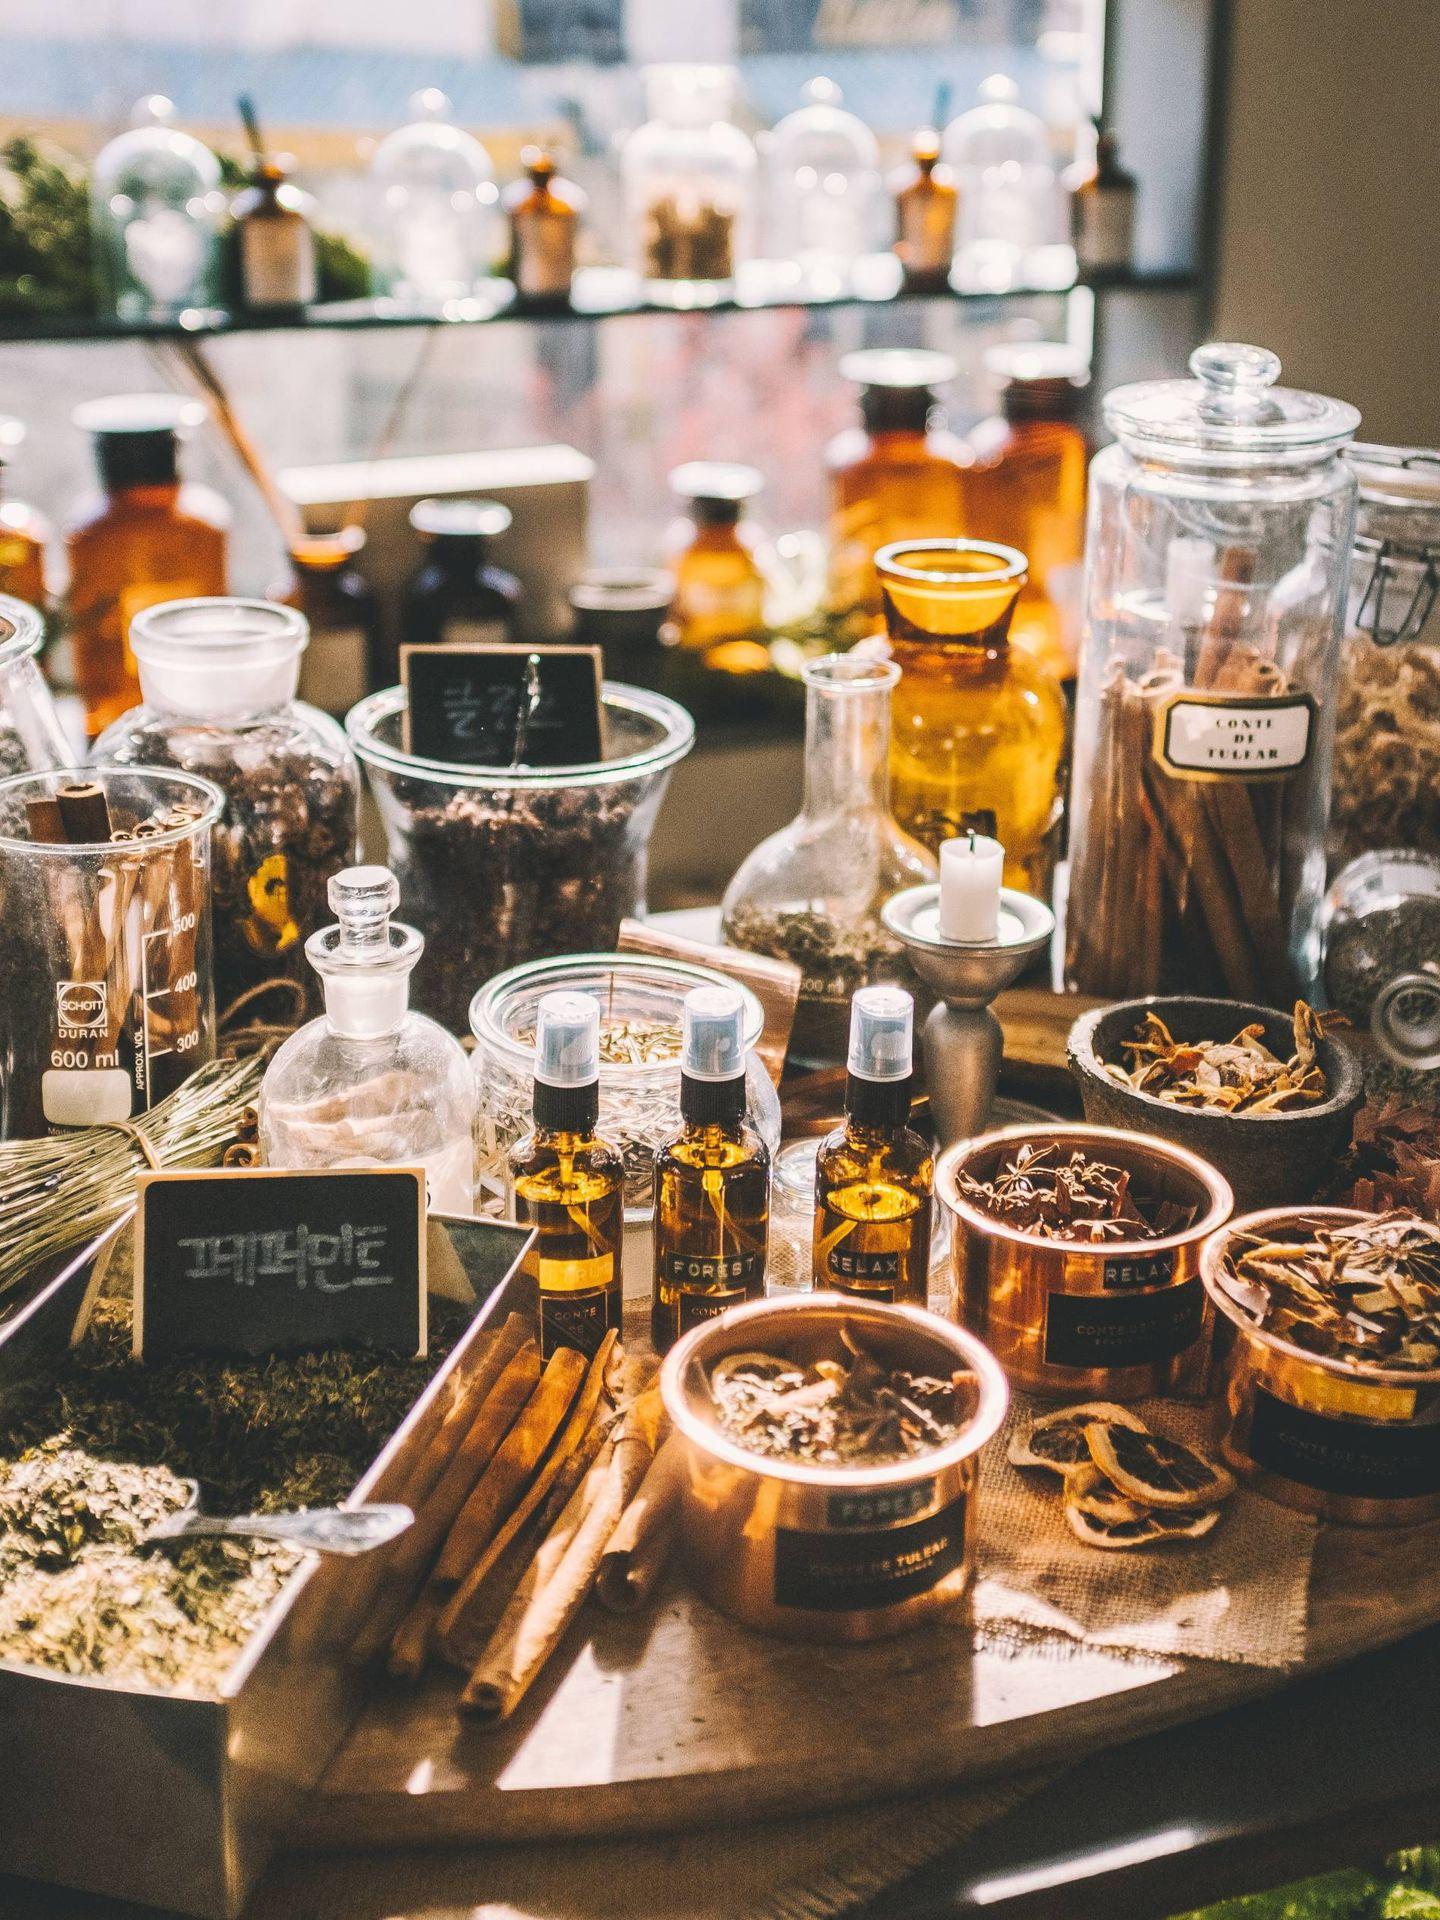 Ciencia y alquimia del perfume. (Unsplash)